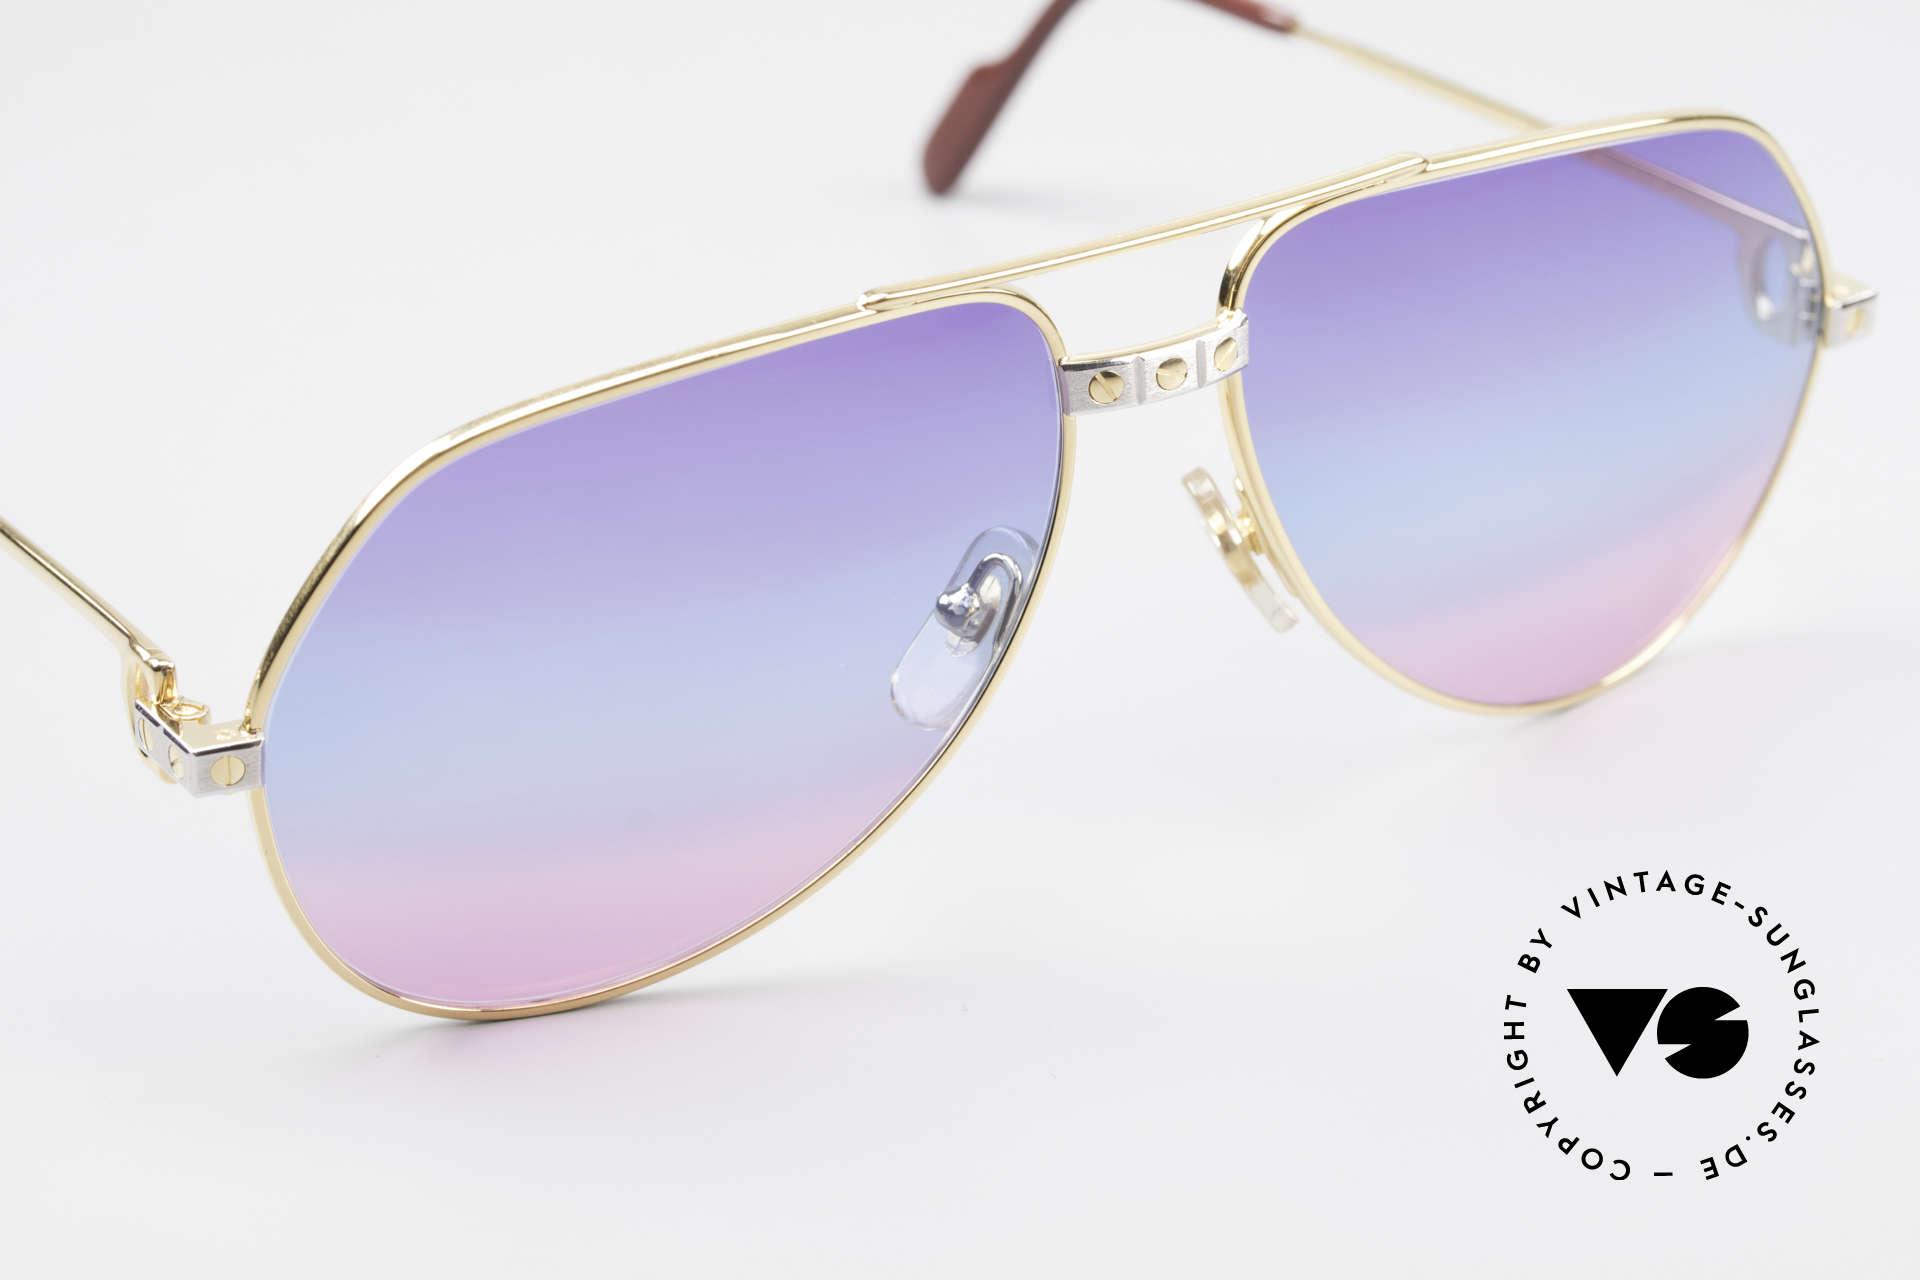 Cartier Vendome Santos - M Unikat Sammler Sonnenbrille, 80er-Gläser mit dreifach Verlauf (typisch für die 80er), Passend für Herren und Damen